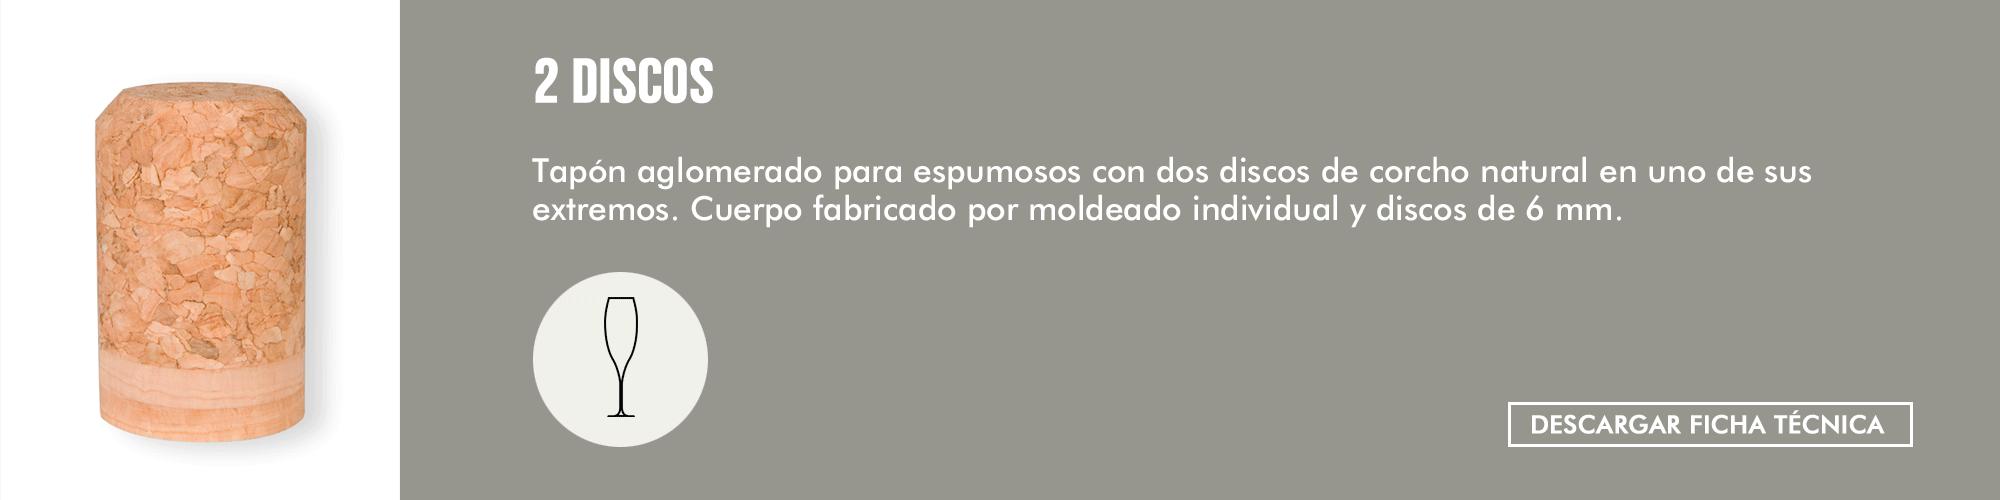 fitxa_2discos_esp.png